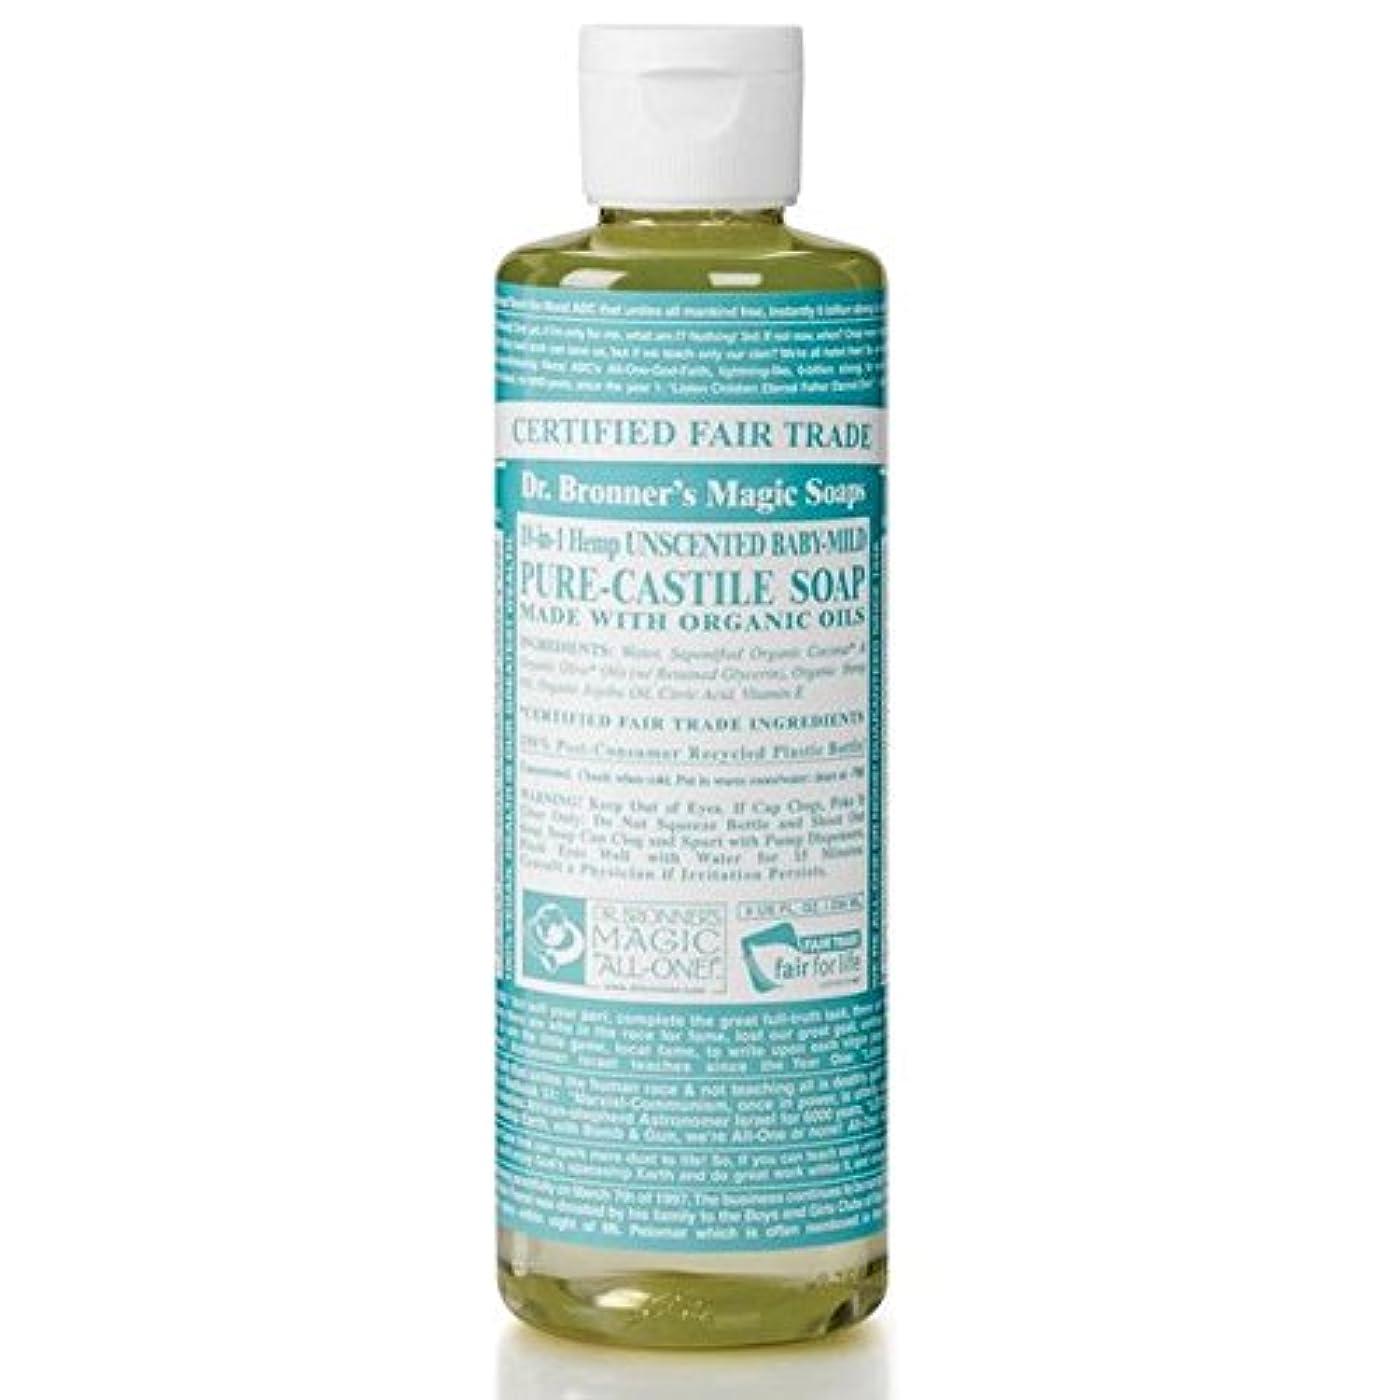 意外炭水化物散るのブロナーオーガニックベビーマイルドなキャスト液体石鹸237ミリリットル x4 - Dr Bronner Organic Baby Mild Cast Liquid Soap 237ml (Pack of 4) [並行輸入品]